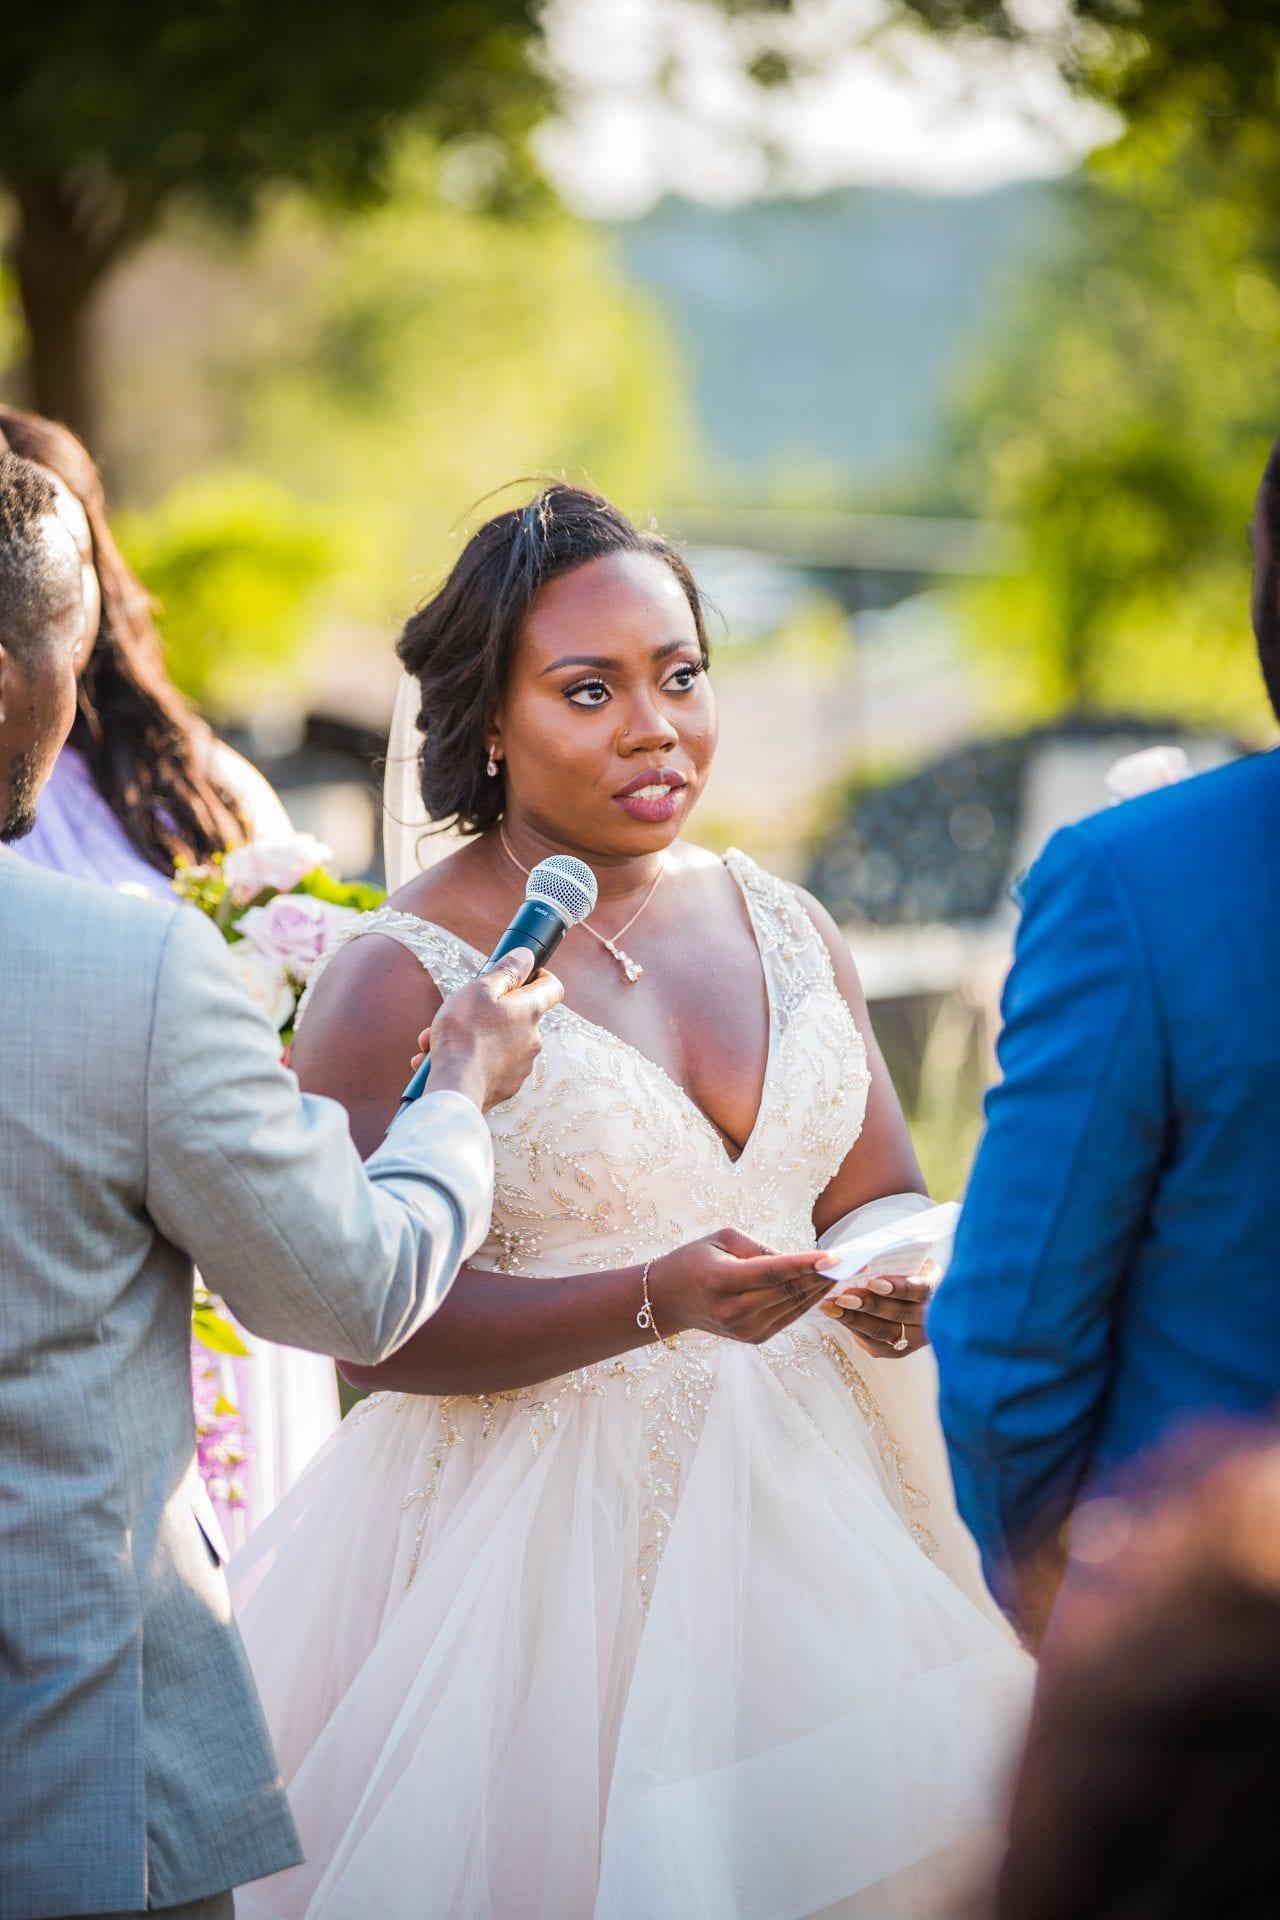 Onyema wedding La Cantera brides vows